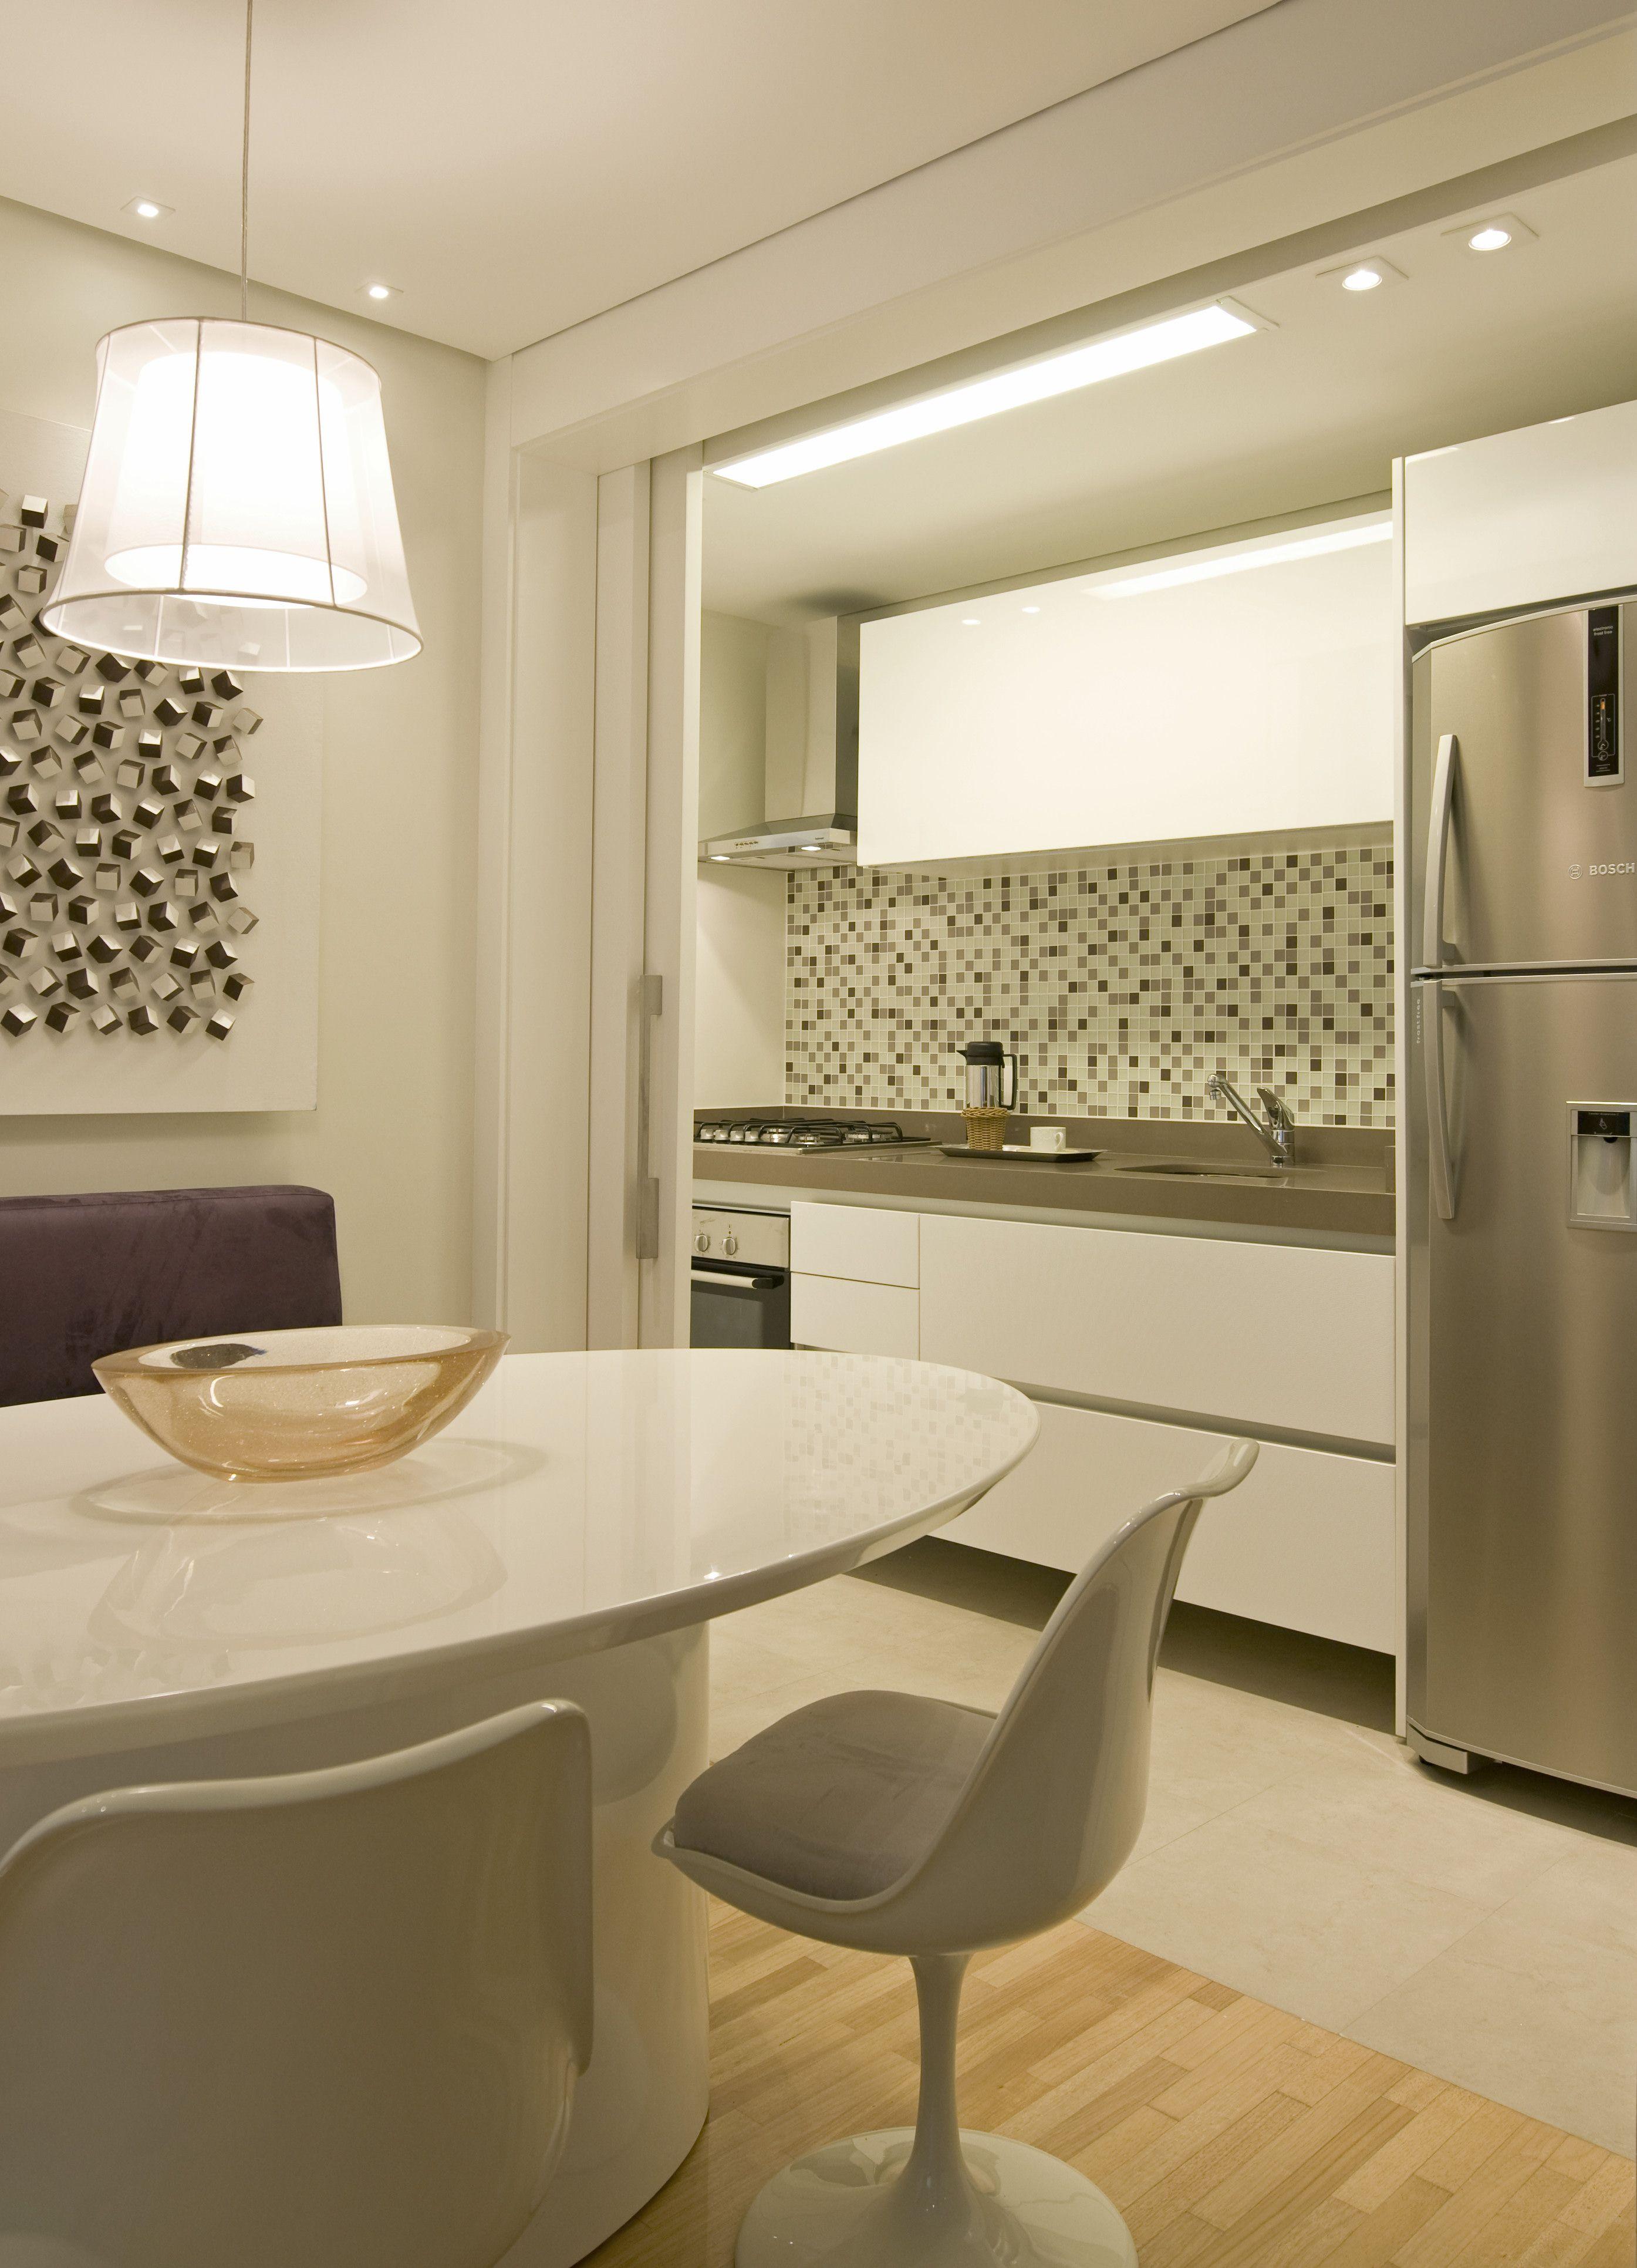 Porta De Correr Sala Cozinha Portas De Correr Para Sala With Porta  -> Abertura Entre Cozinha E Sala